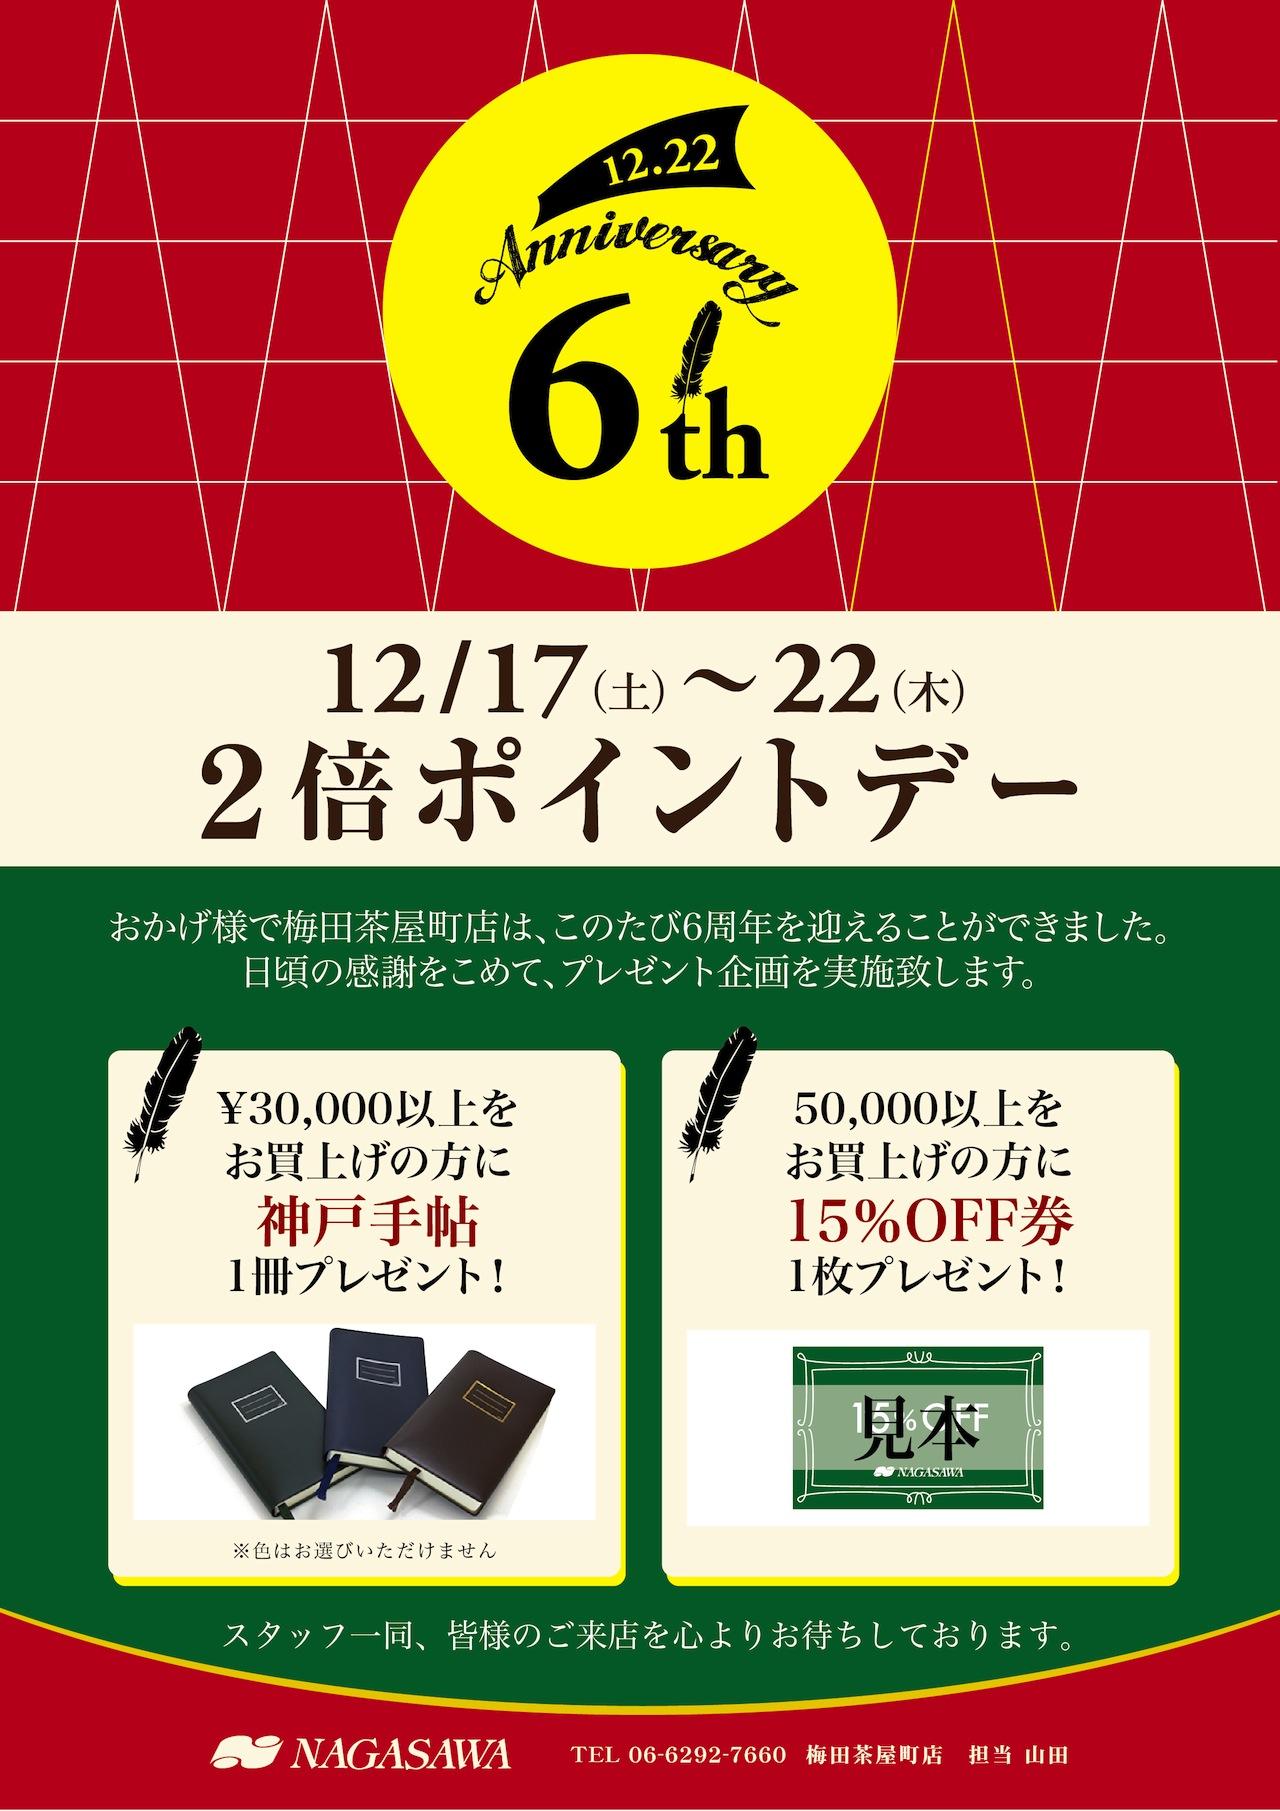 NAGASAWA梅田茶屋町店6周年